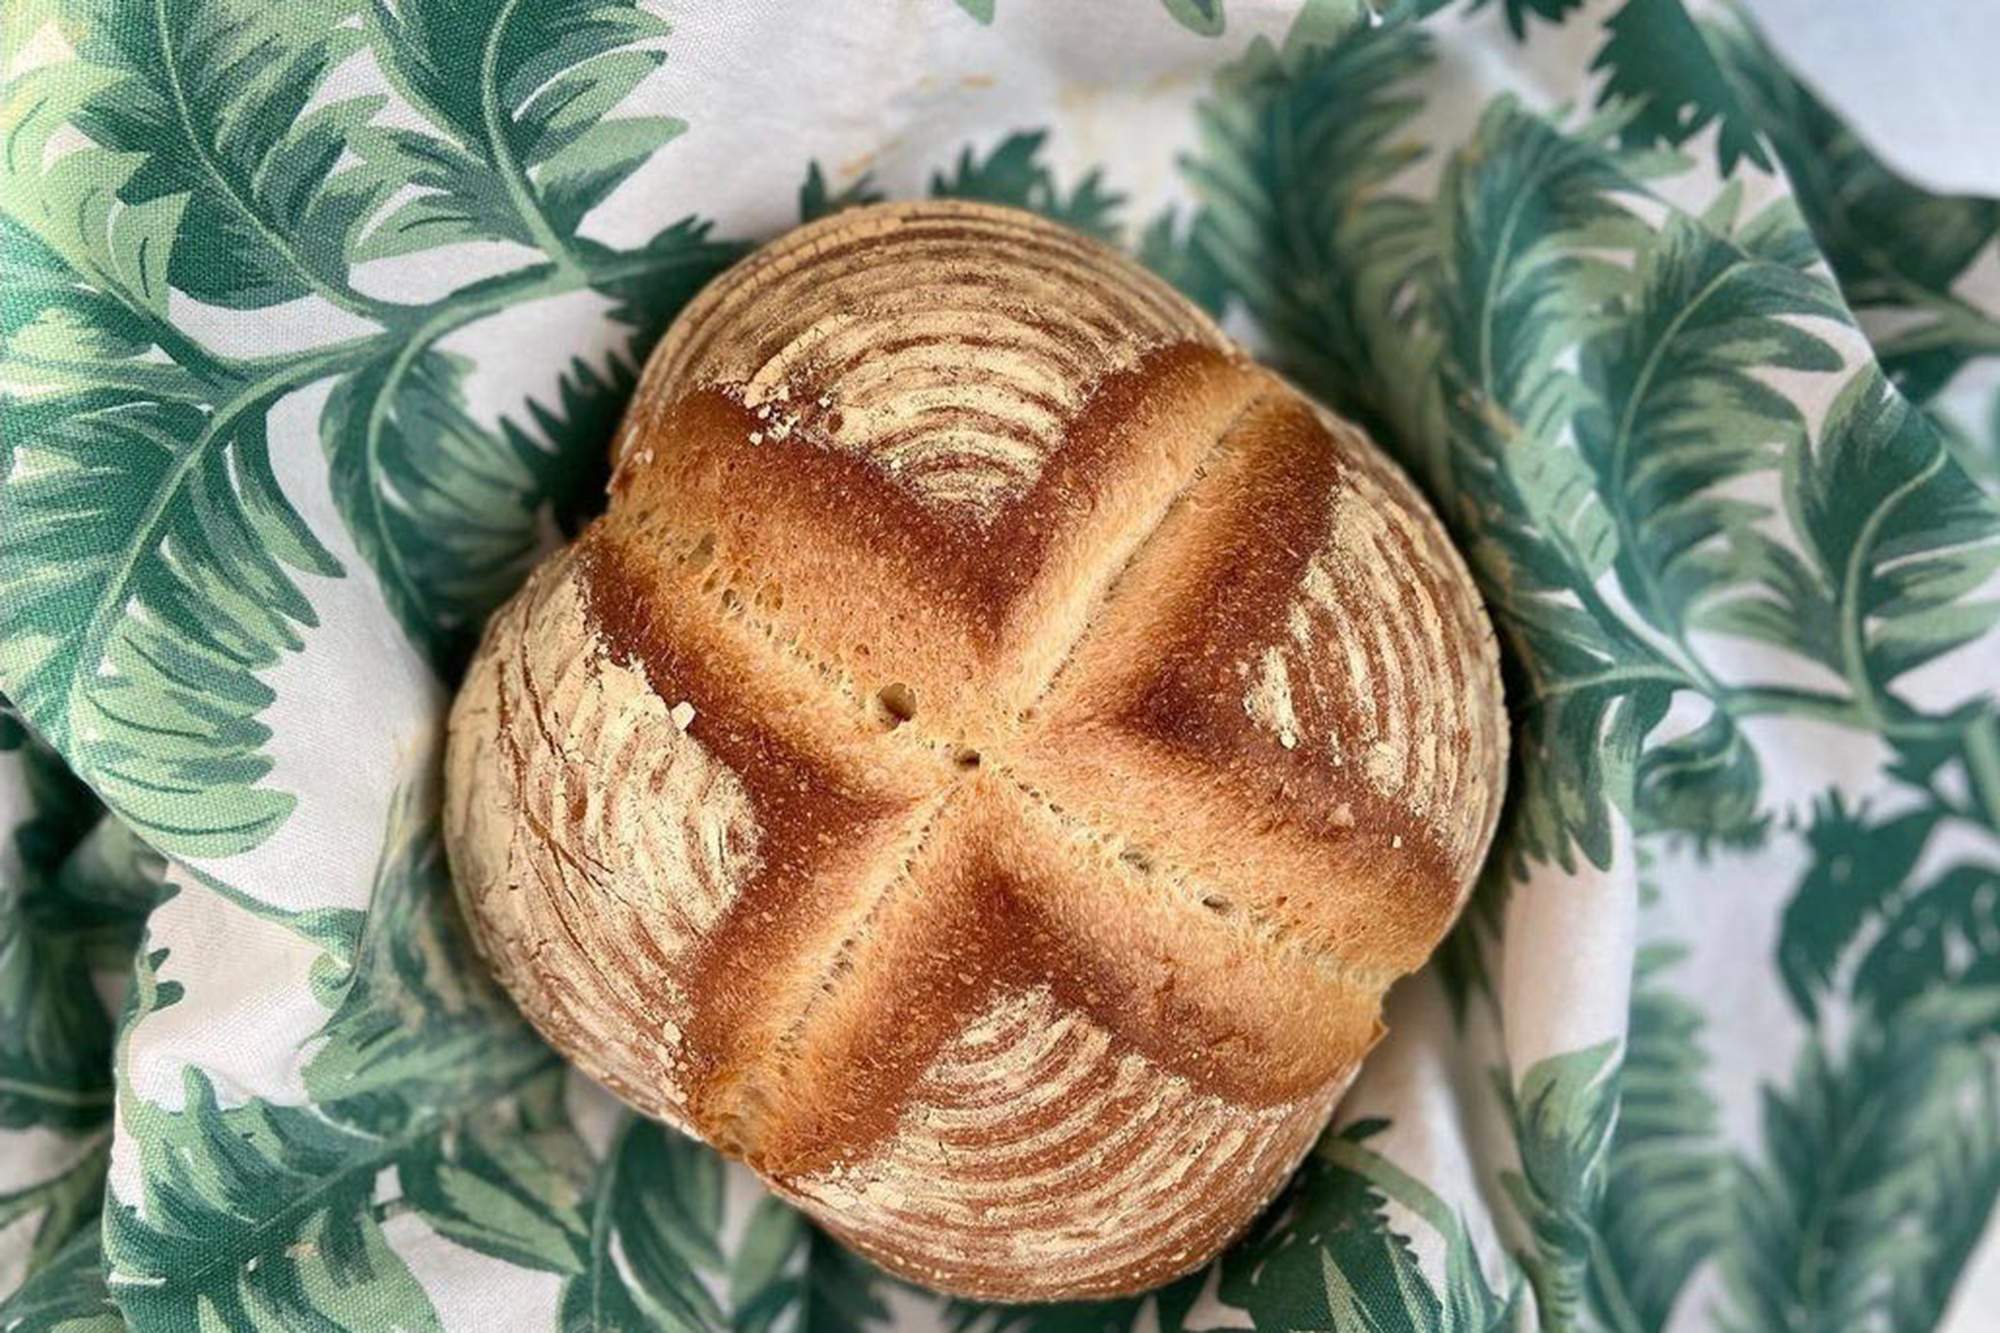 Profesyonel Ekmekçilik Eğitimleri/Kahvaltılık Special Ekmek Çeşitleri